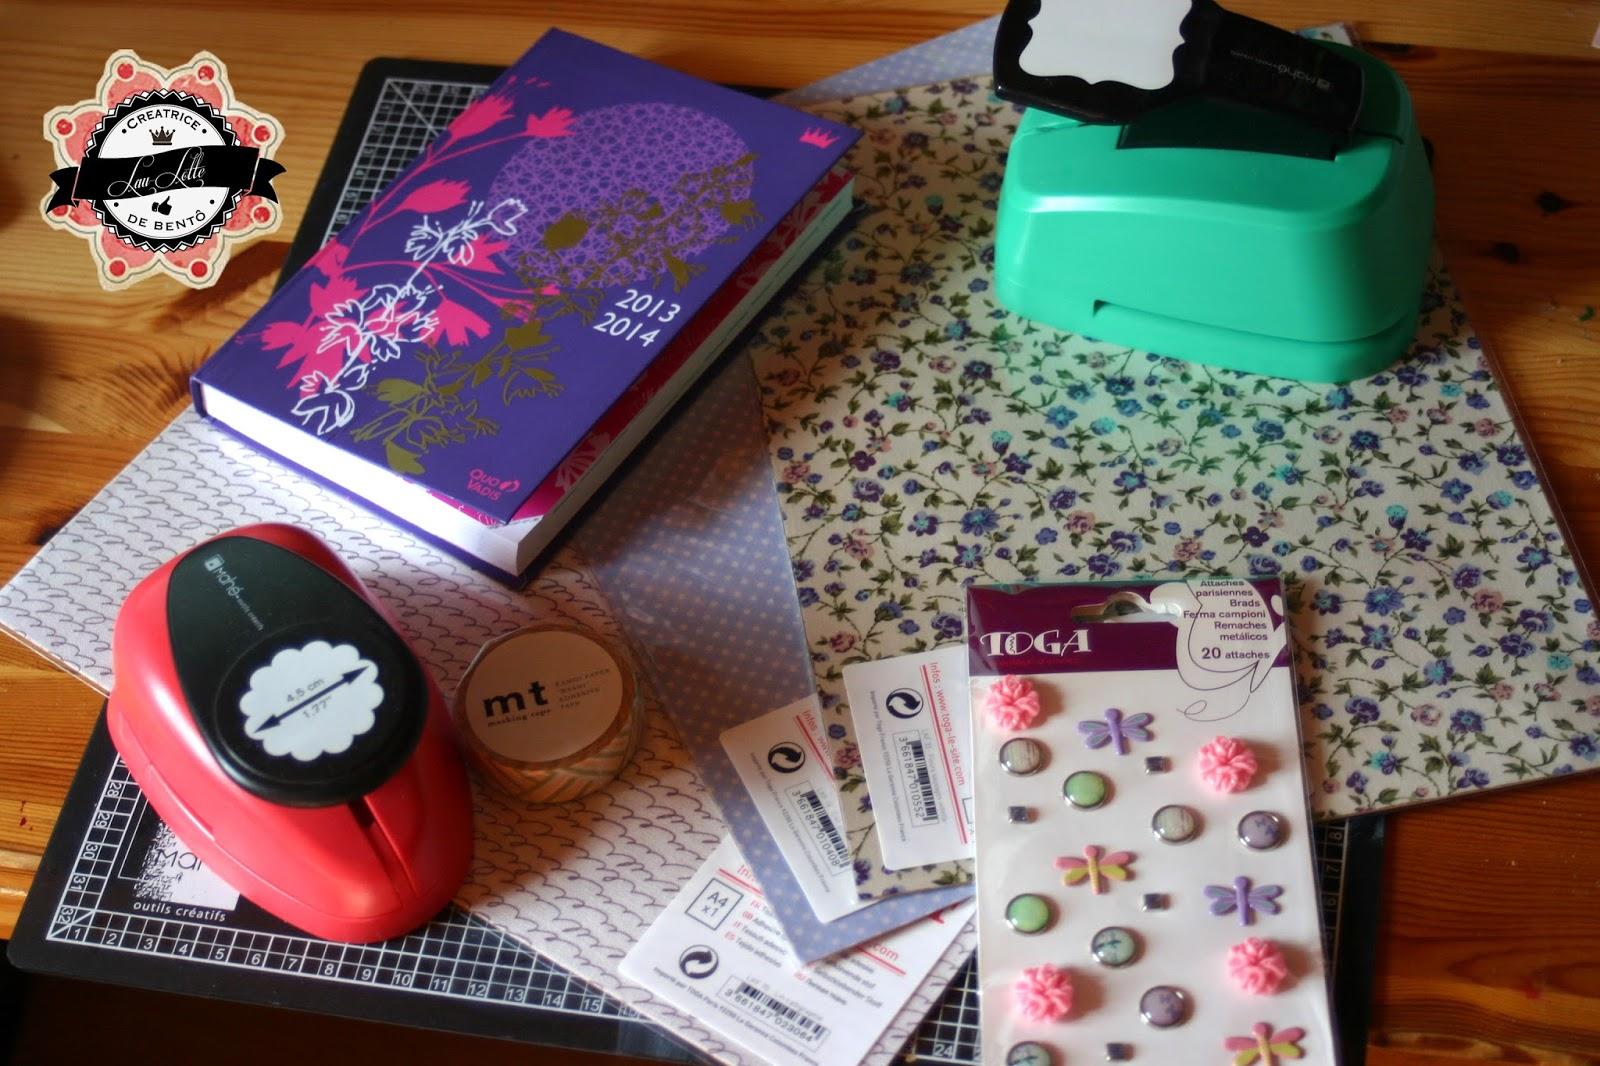 Hervorragend DIY :: Customiser son agenda pour la rentrée - Les Folies de Lau-Lotte ET39